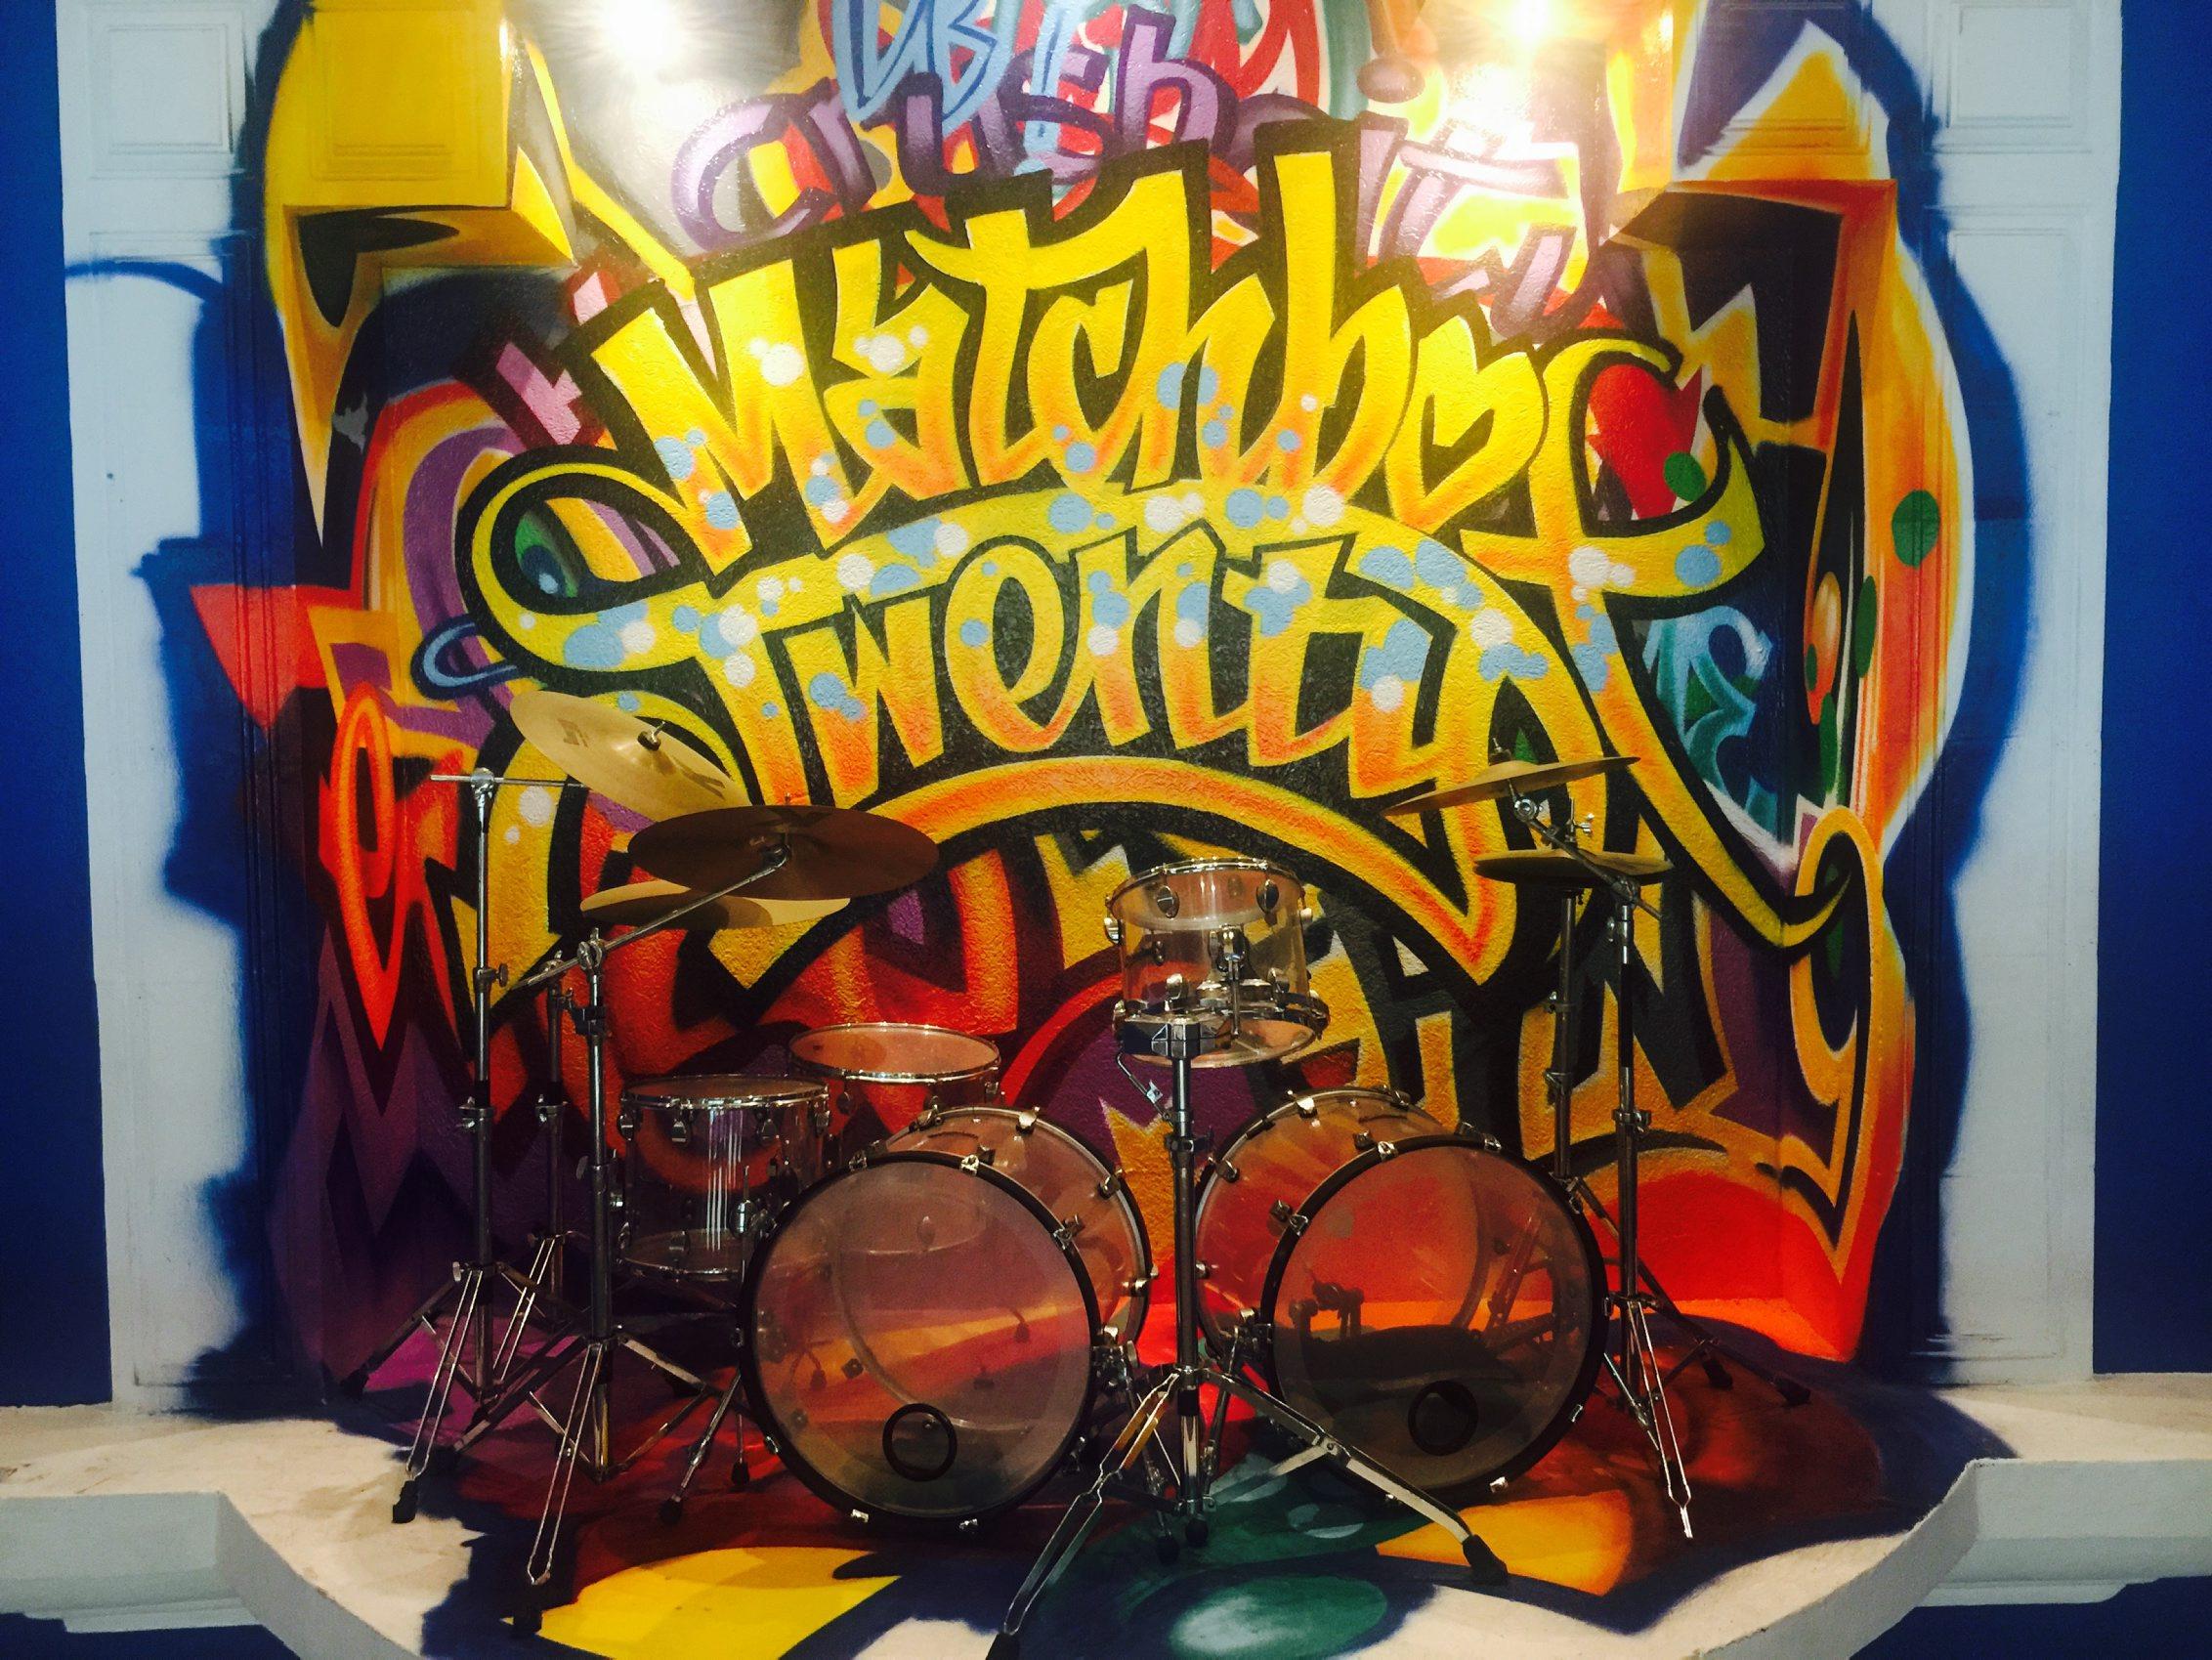 60627189. Playa del Carmen, QRoo., 27 Jun. 2016 (Notimex-Armando Pereda).- Más de 350 piezas y artículos que pertenecieron a Elvis Presley, Madonna, Prince, The Beatles, Elton John, Slash, Shakira, Fergie, Will.i.am y más celebridades, conforman la memorabilia del Hard Rock Hotel de la Riviera Maya. NOTIMEX/FOTO/ARMANDO PEREDA/COR/ACE/